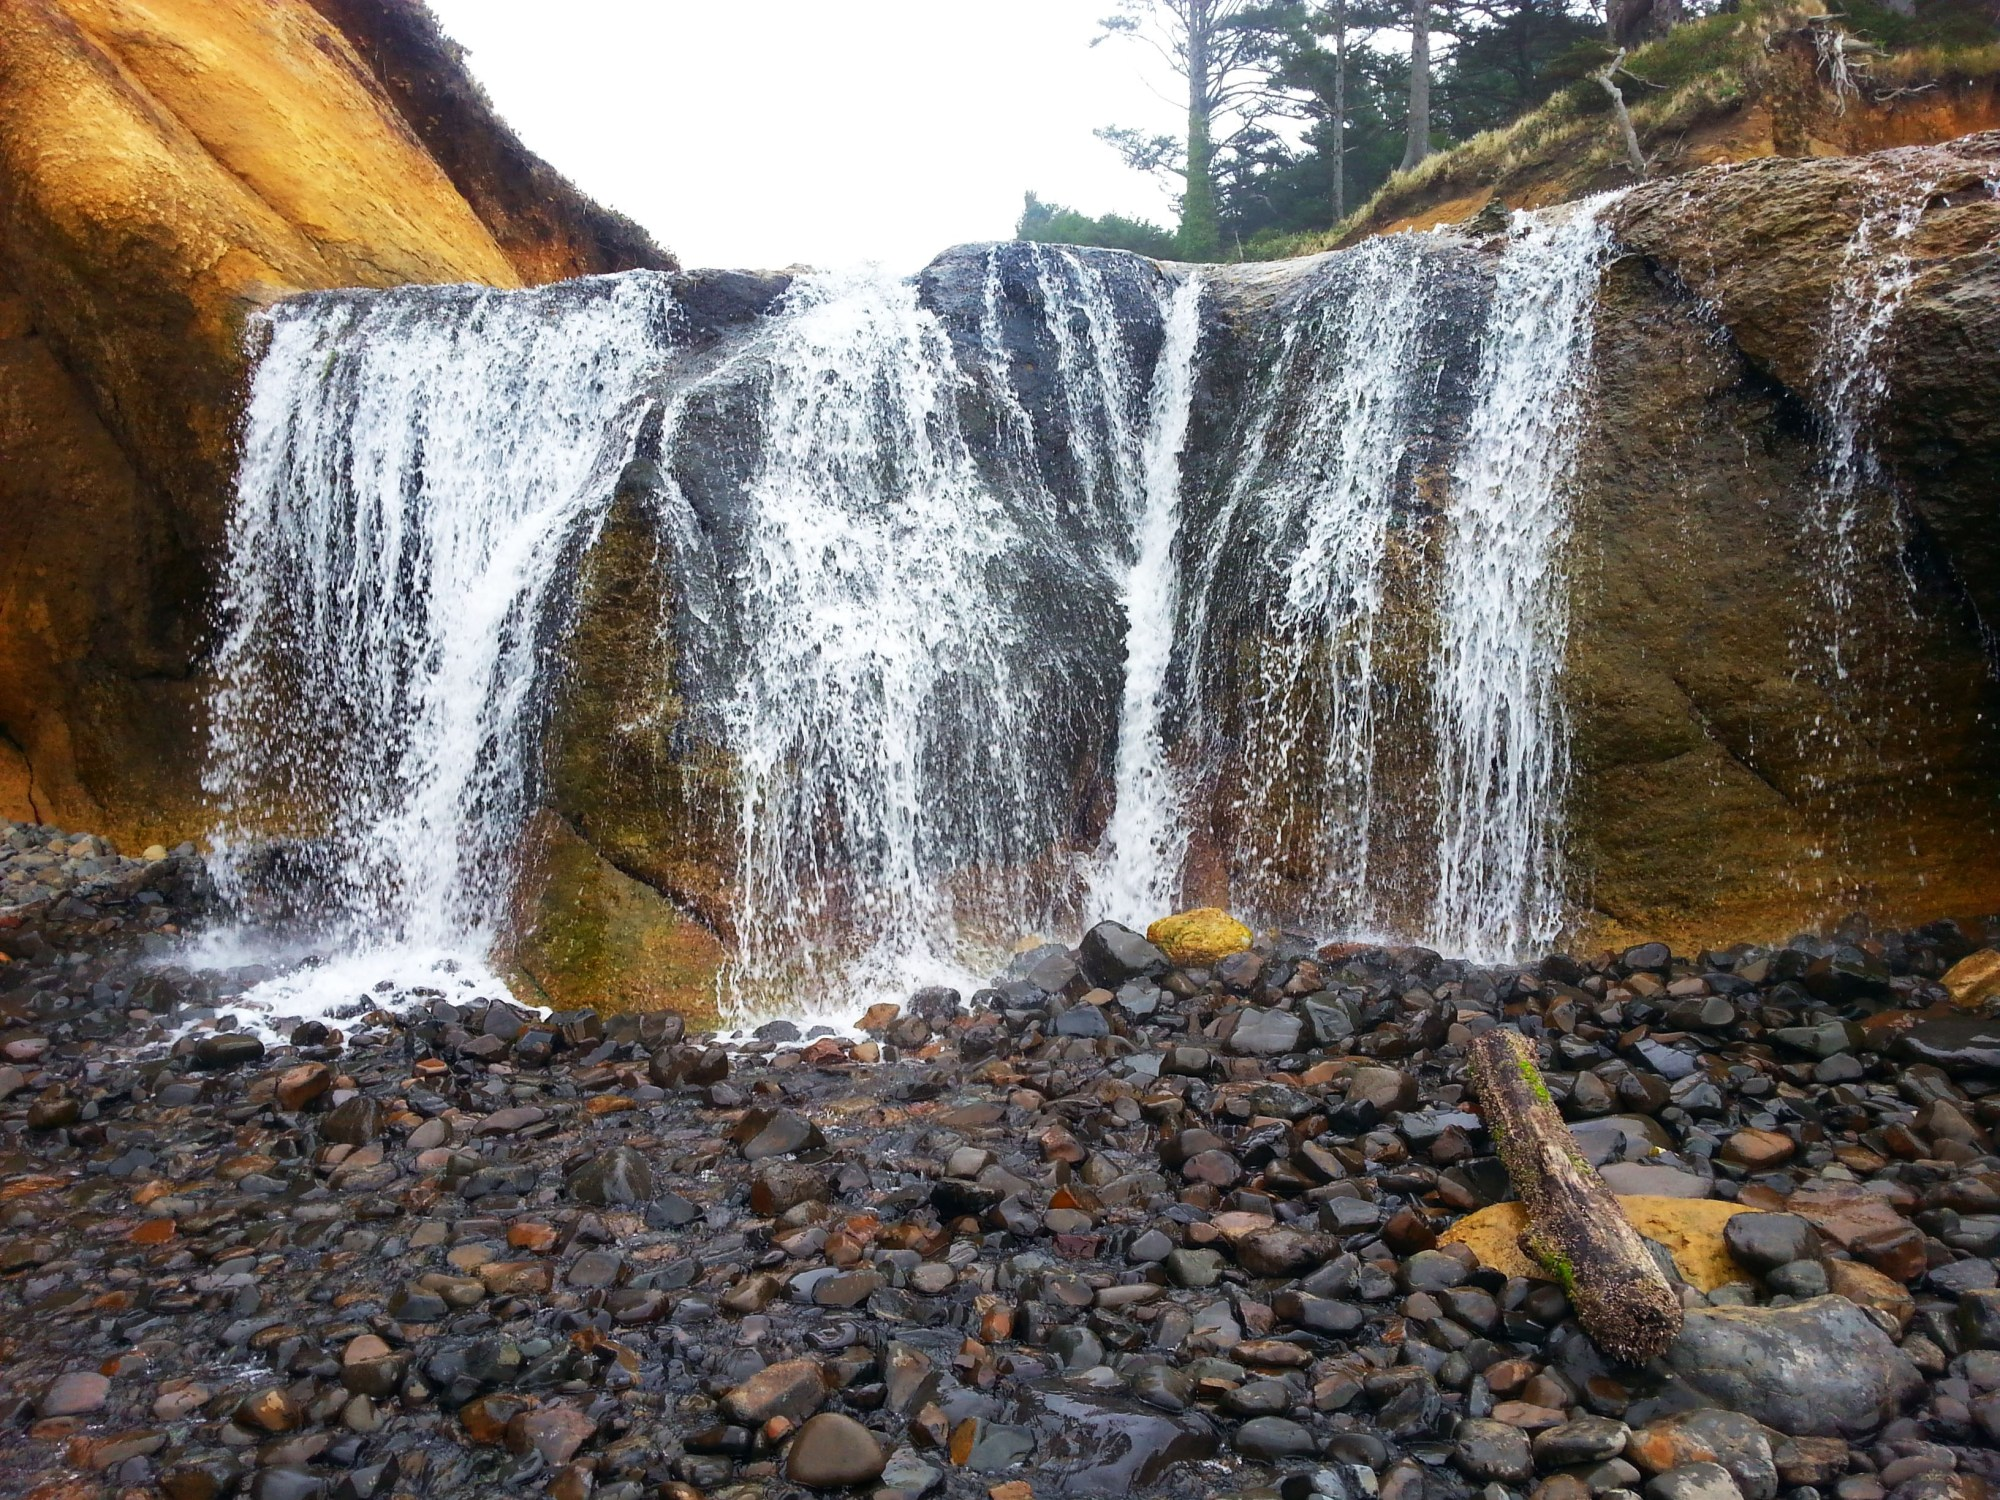 Landscape Hug Point Falls 33447